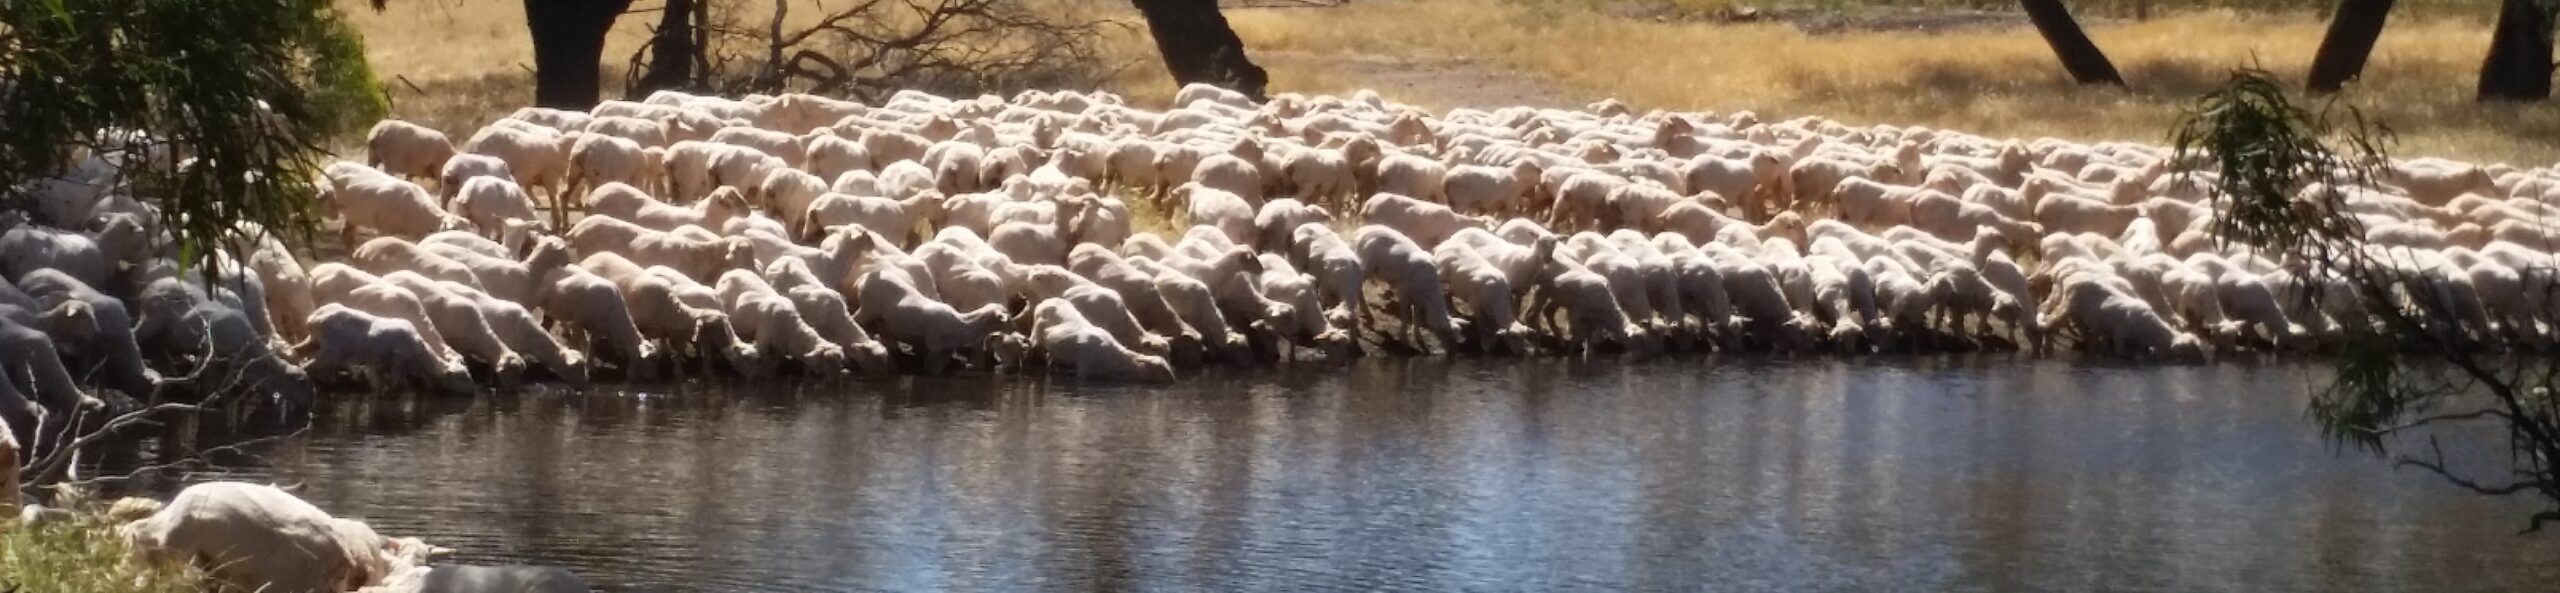 Banner Shorn ewe lambs